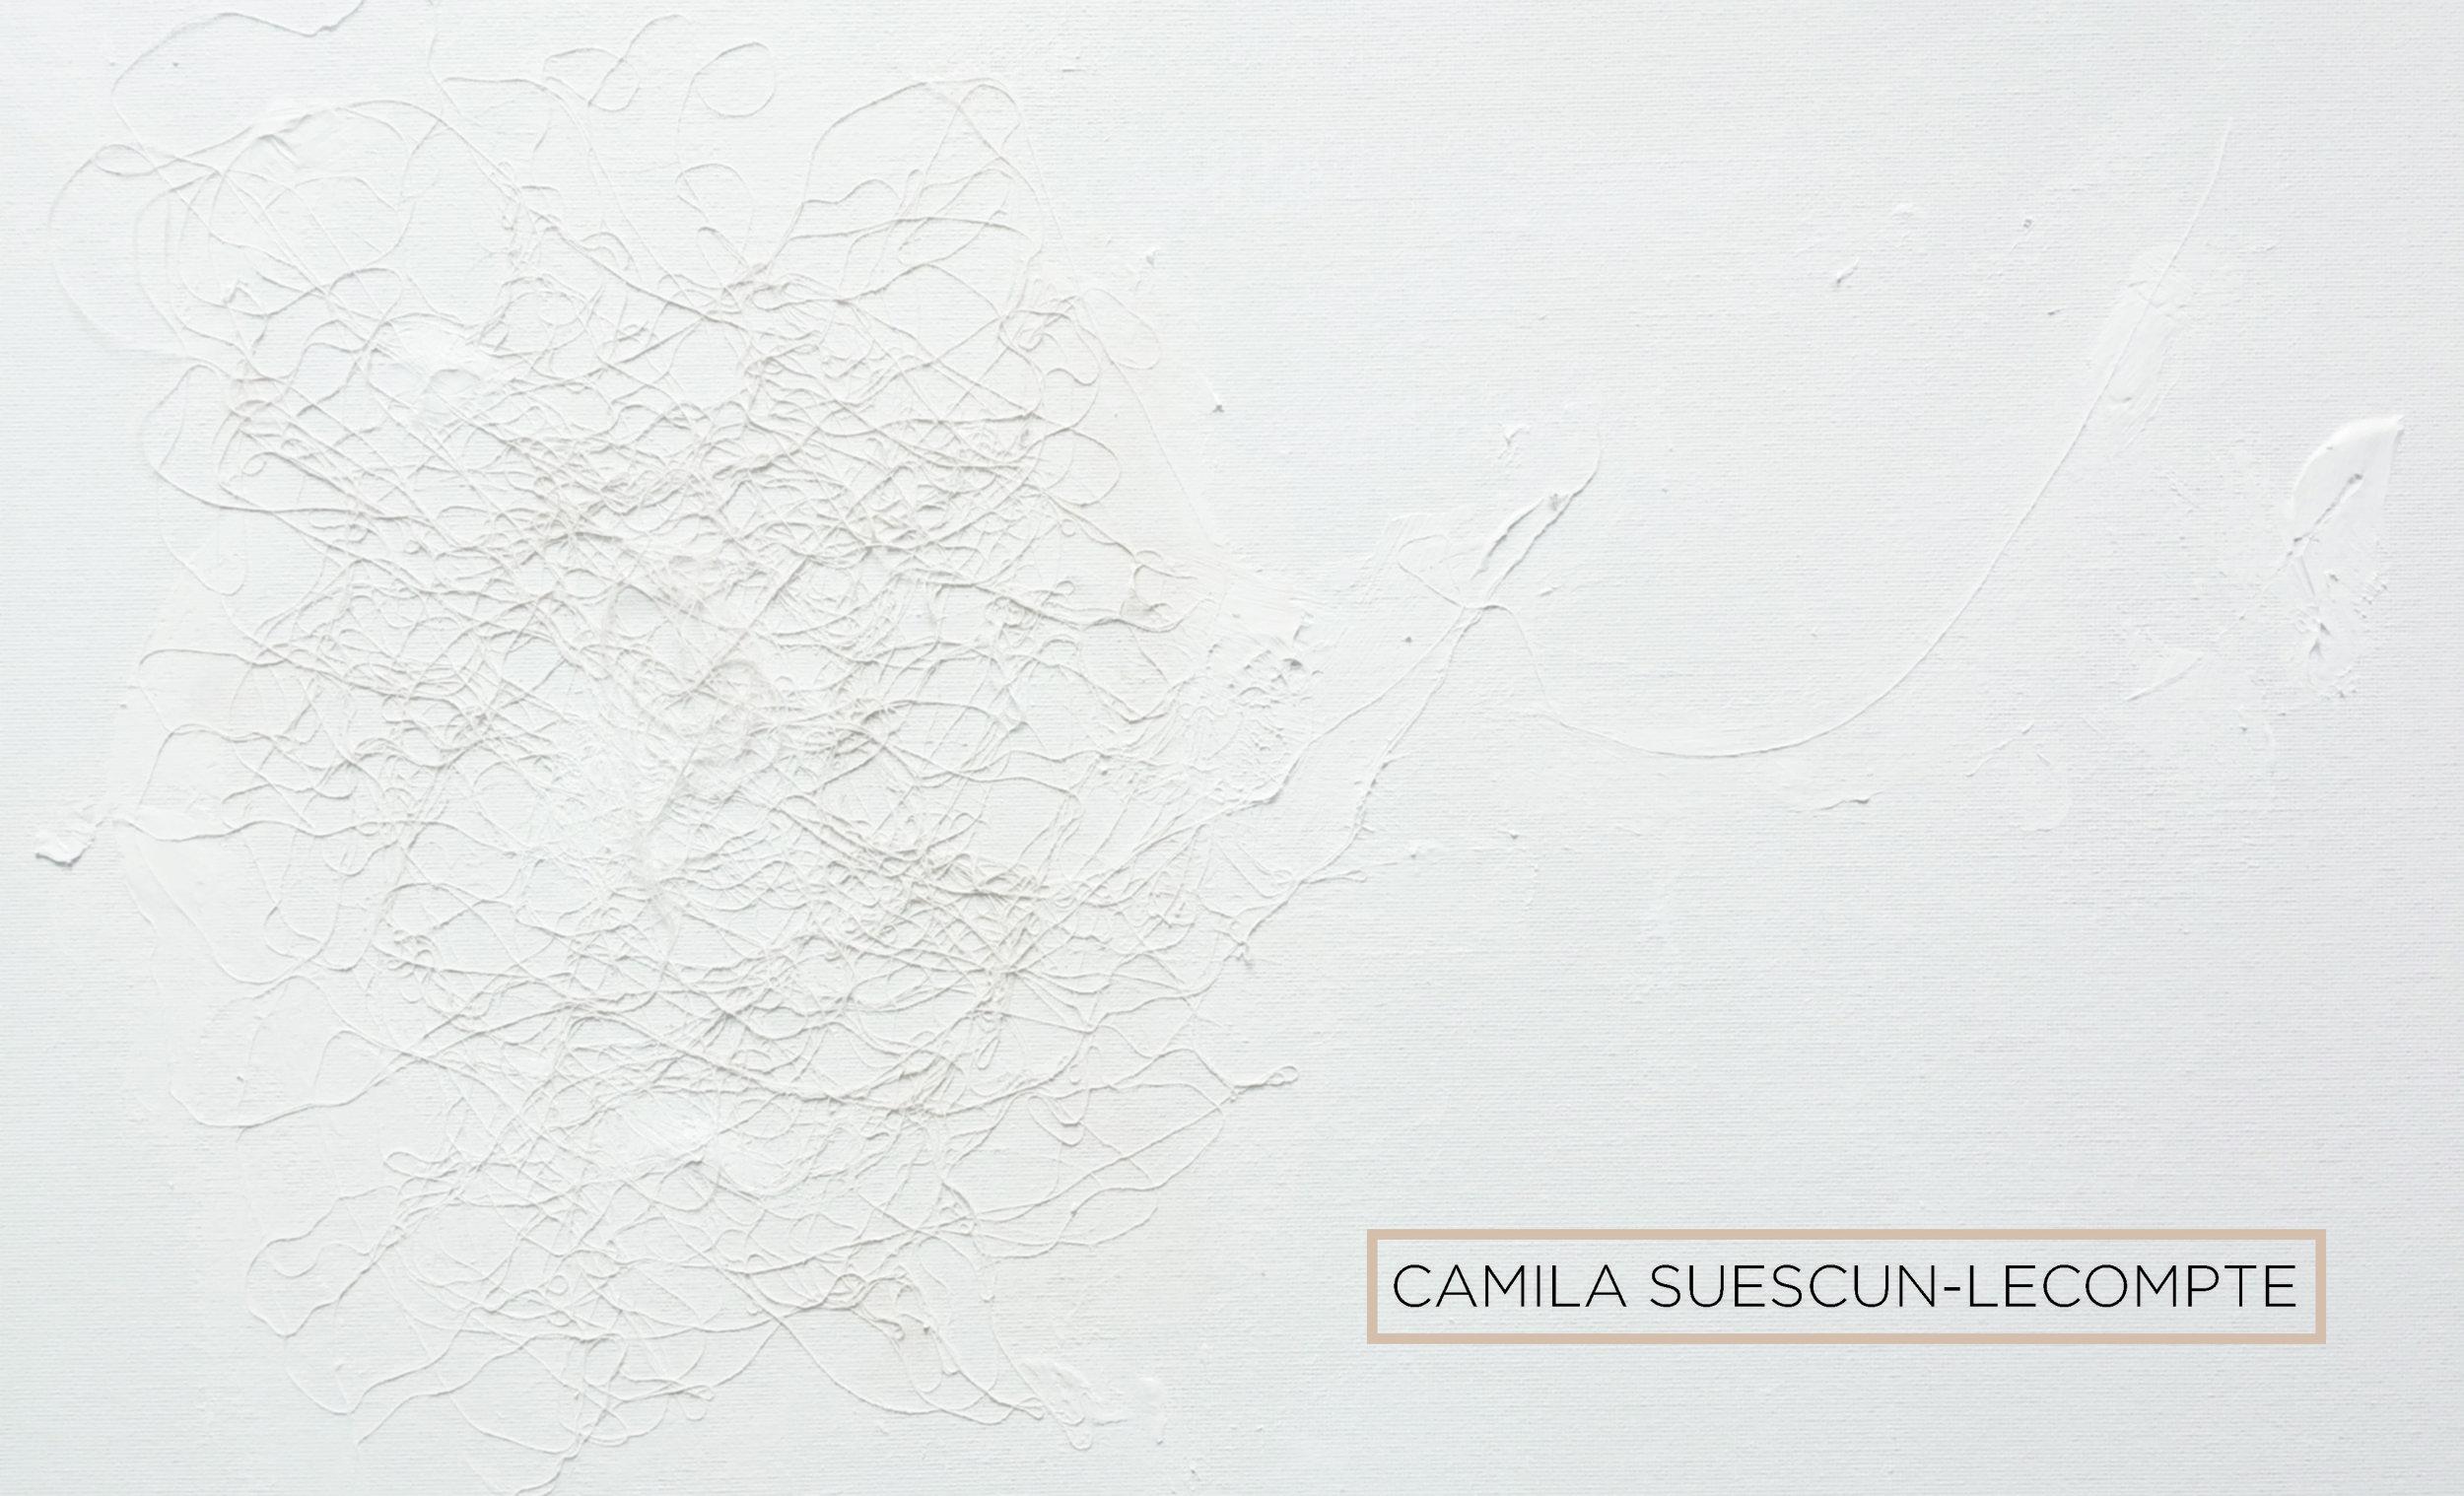 CAMILA SUESCUN